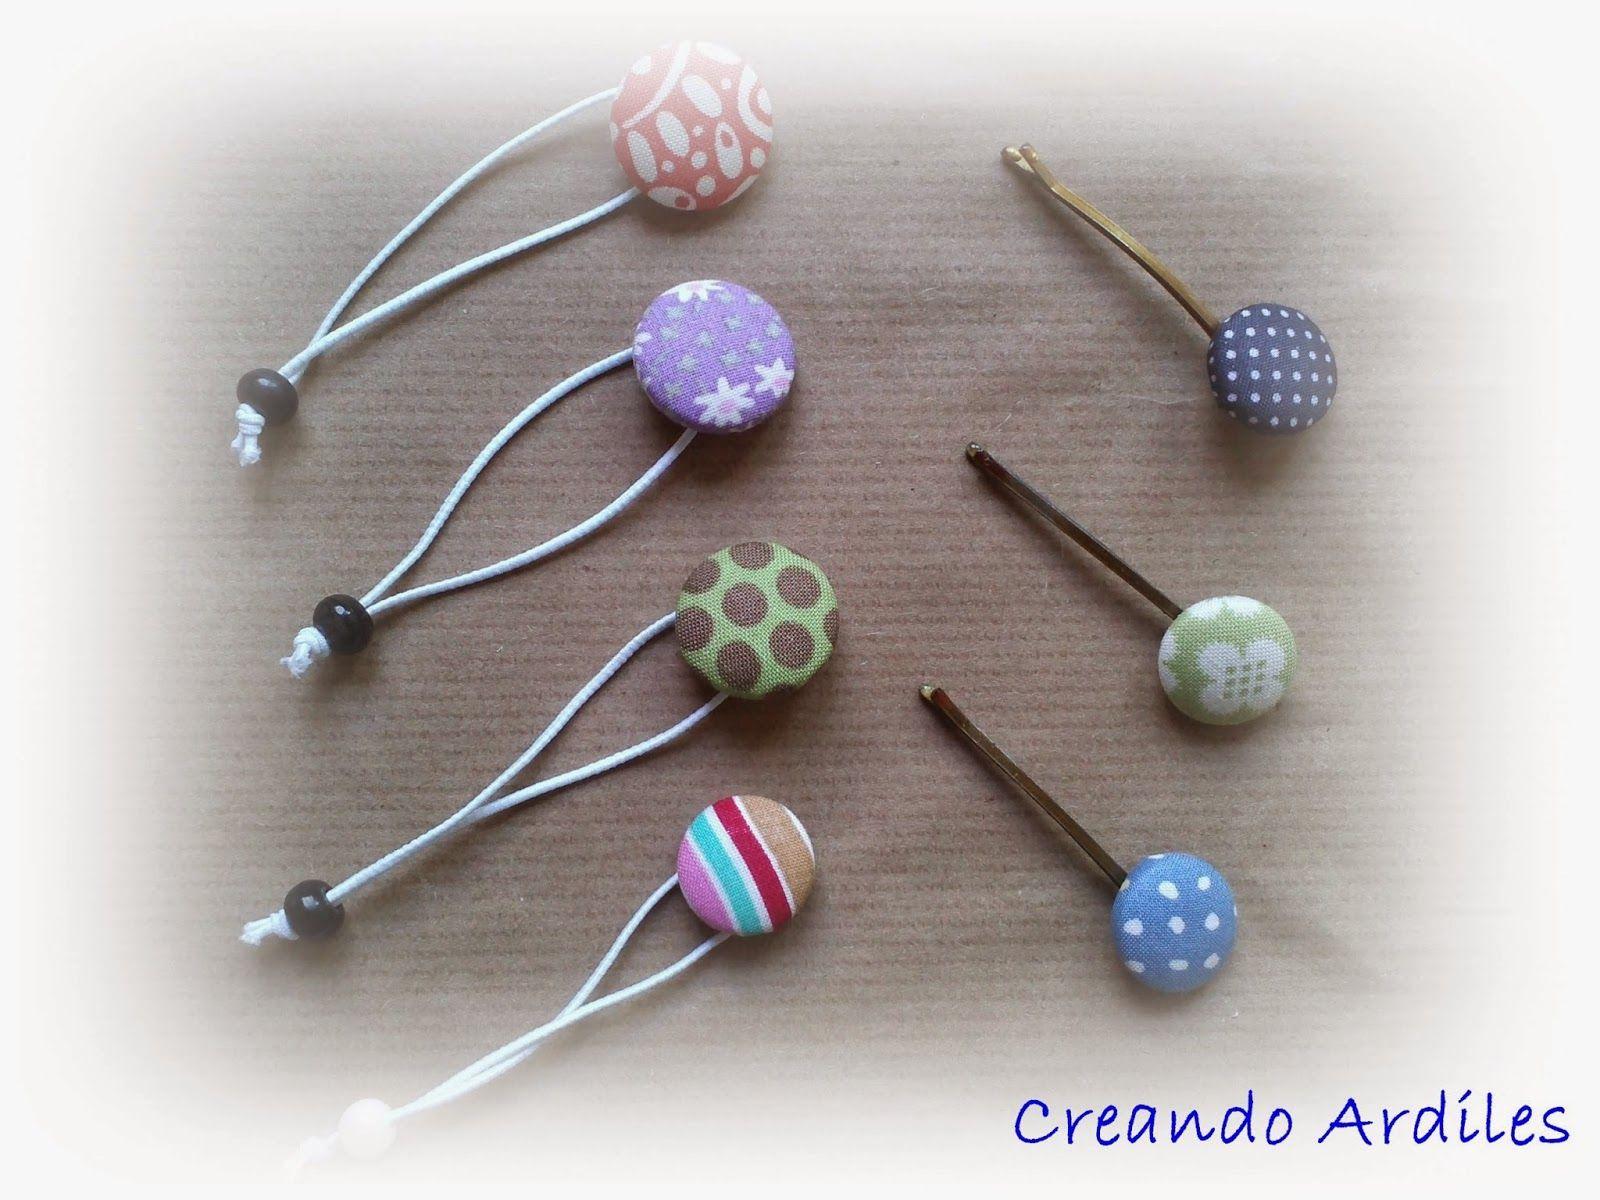 Creando Ardiles: Coleteros con botones forrados www.creandoardiles.blogspot.com